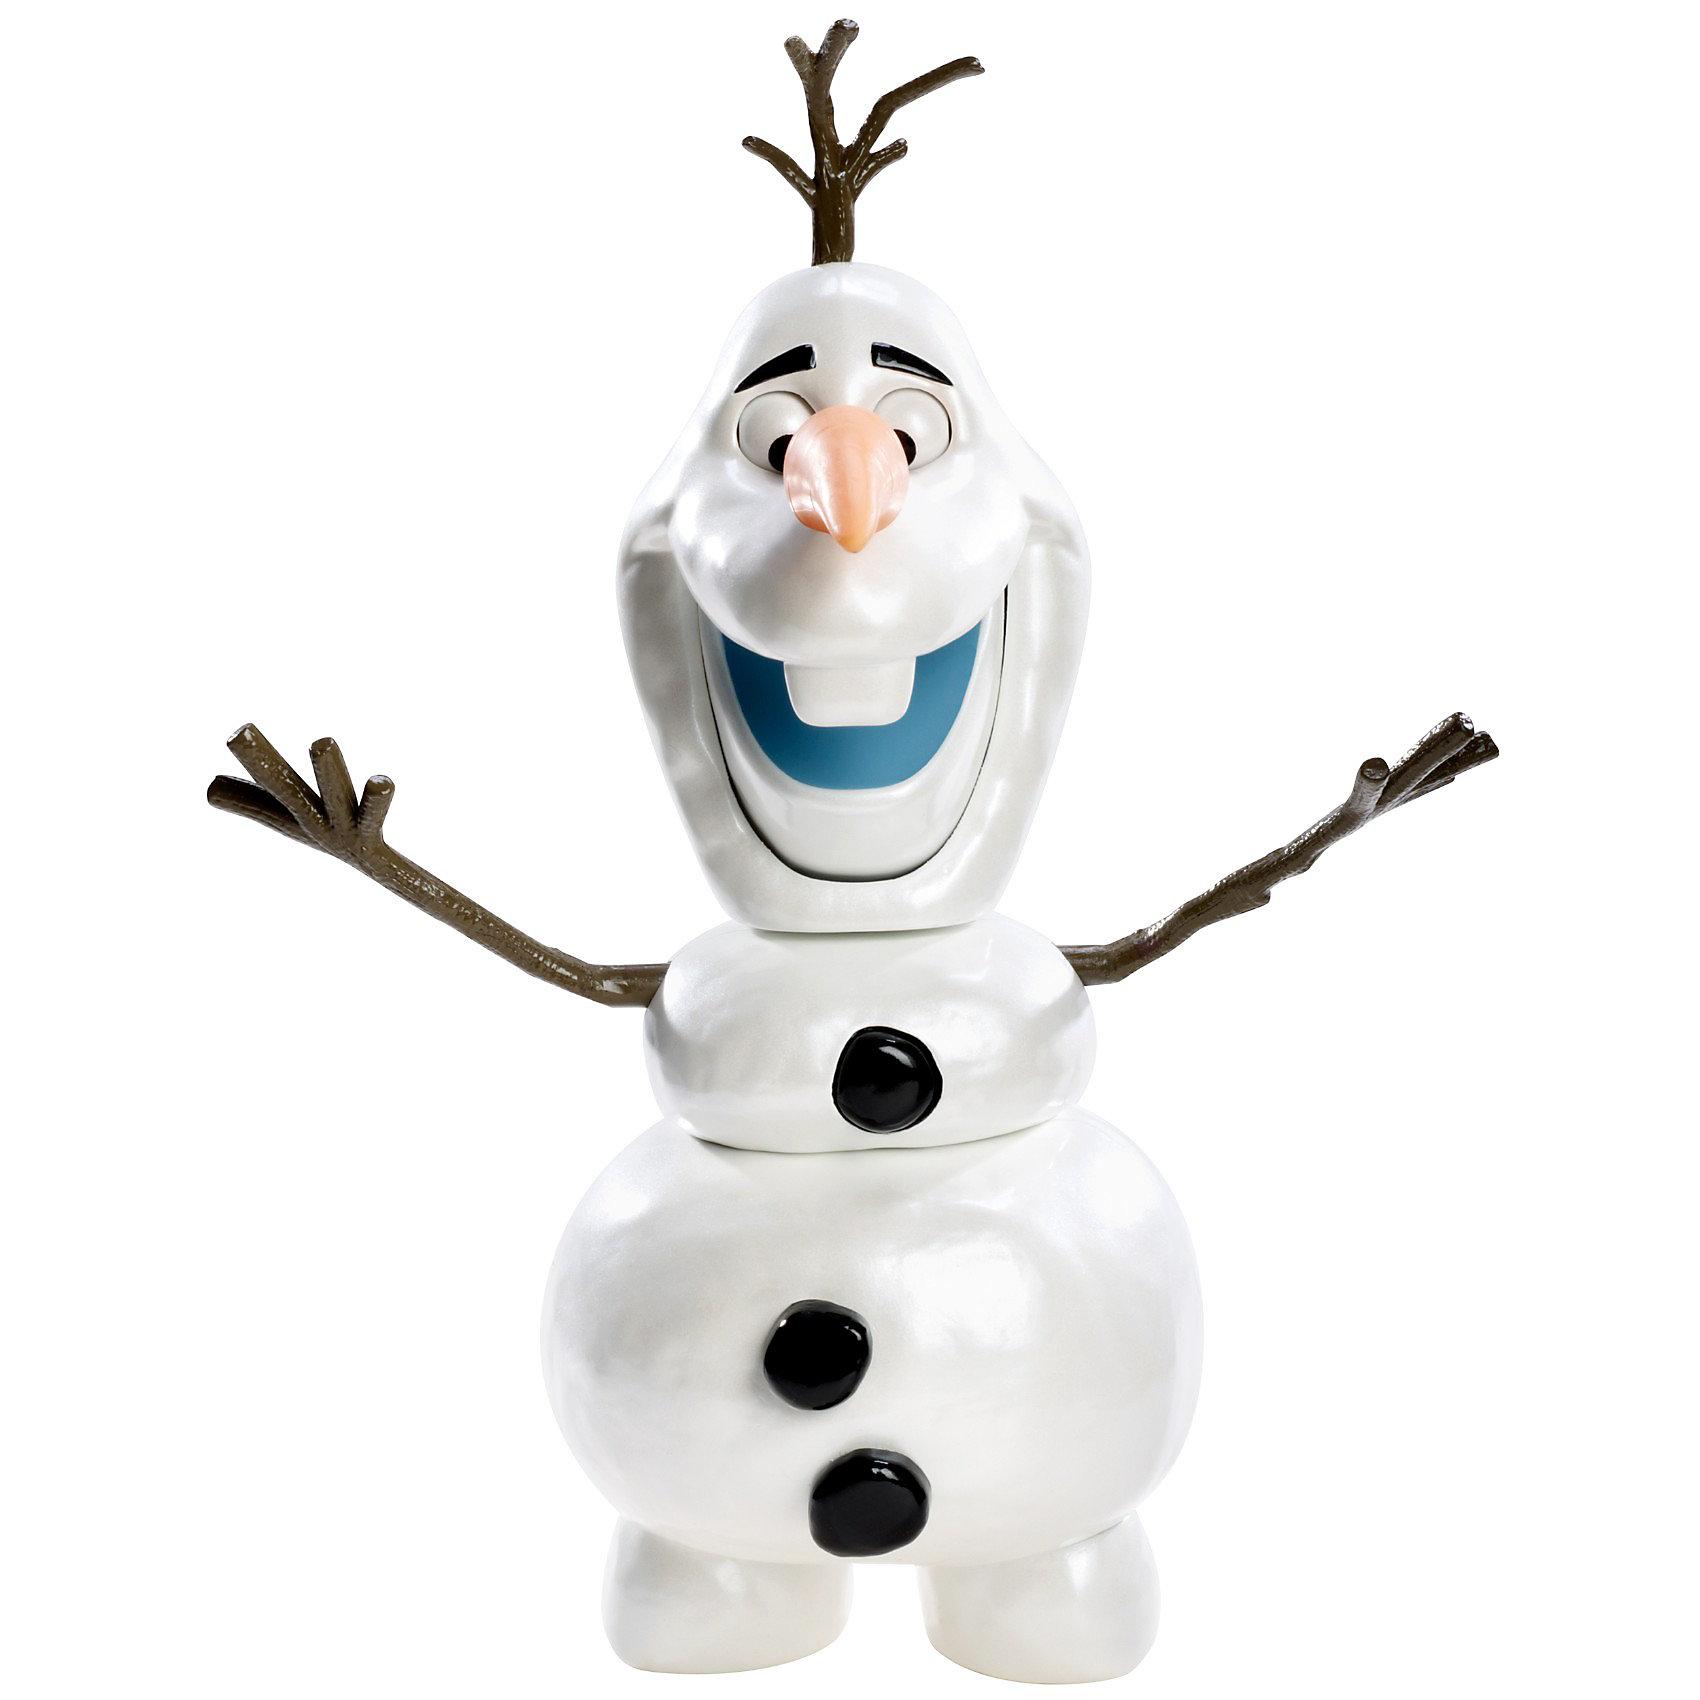 Игрушка Снеговик Олаф, Холодное сердцеDisney Princess. Кукла снеговик Олаф из м/ф Холодное сердце 20,5 x 8,5 x 23 см<br><br>Ширина мм: 233<br>Глубина мм: 207<br>Высота мм: 89<br>Вес г: 242<br>Возраст от месяцев: 36<br>Возраст до месяцев: 72<br>Пол: Женский<br>Возраст: Детский<br>SKU: 3399218